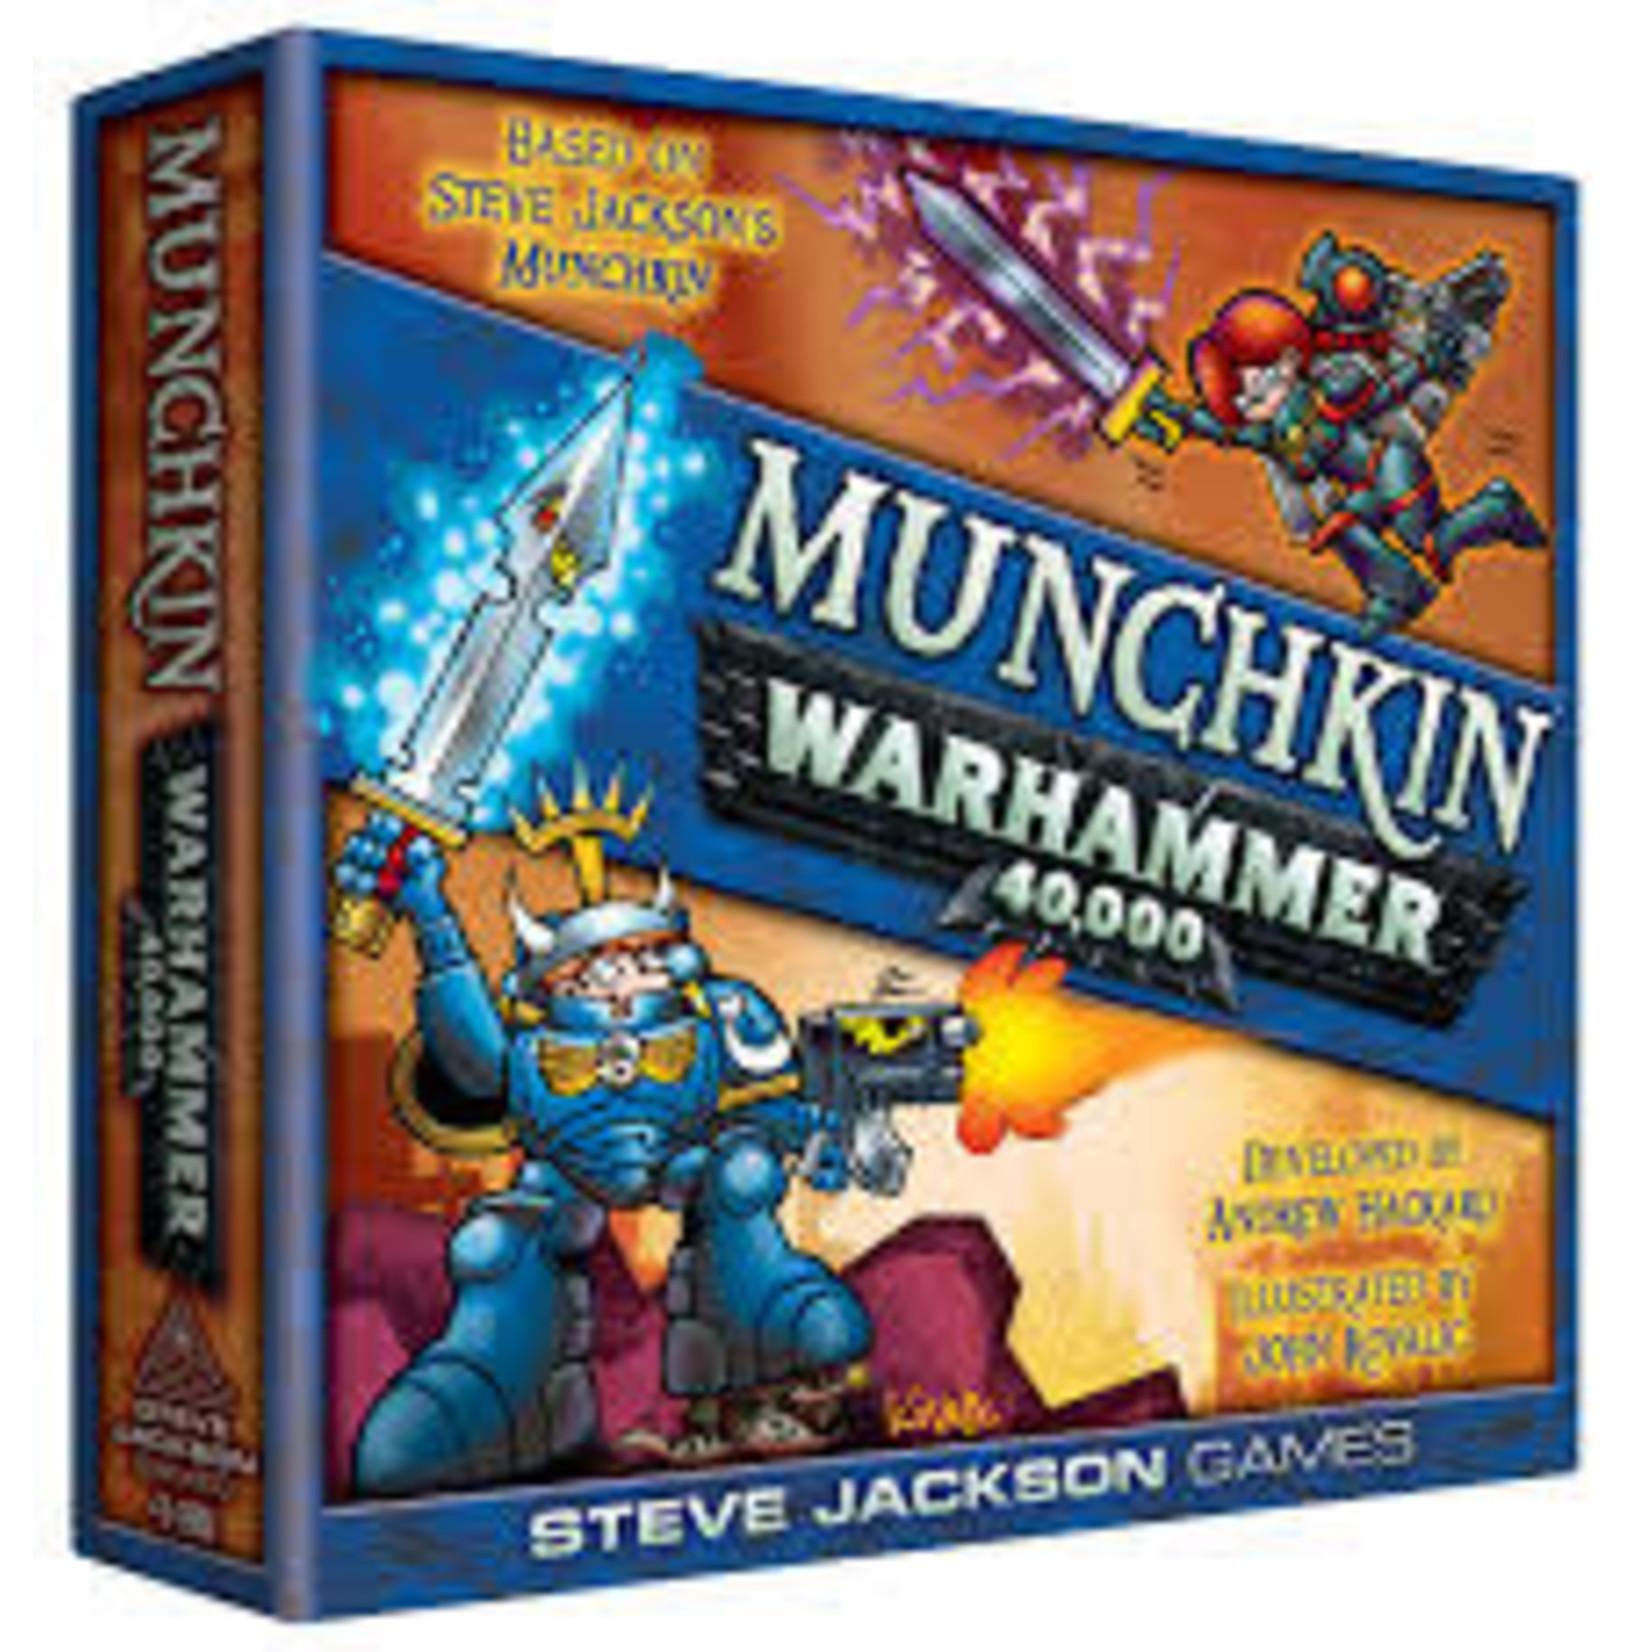 Munchkin Warhammer 40k Board Game